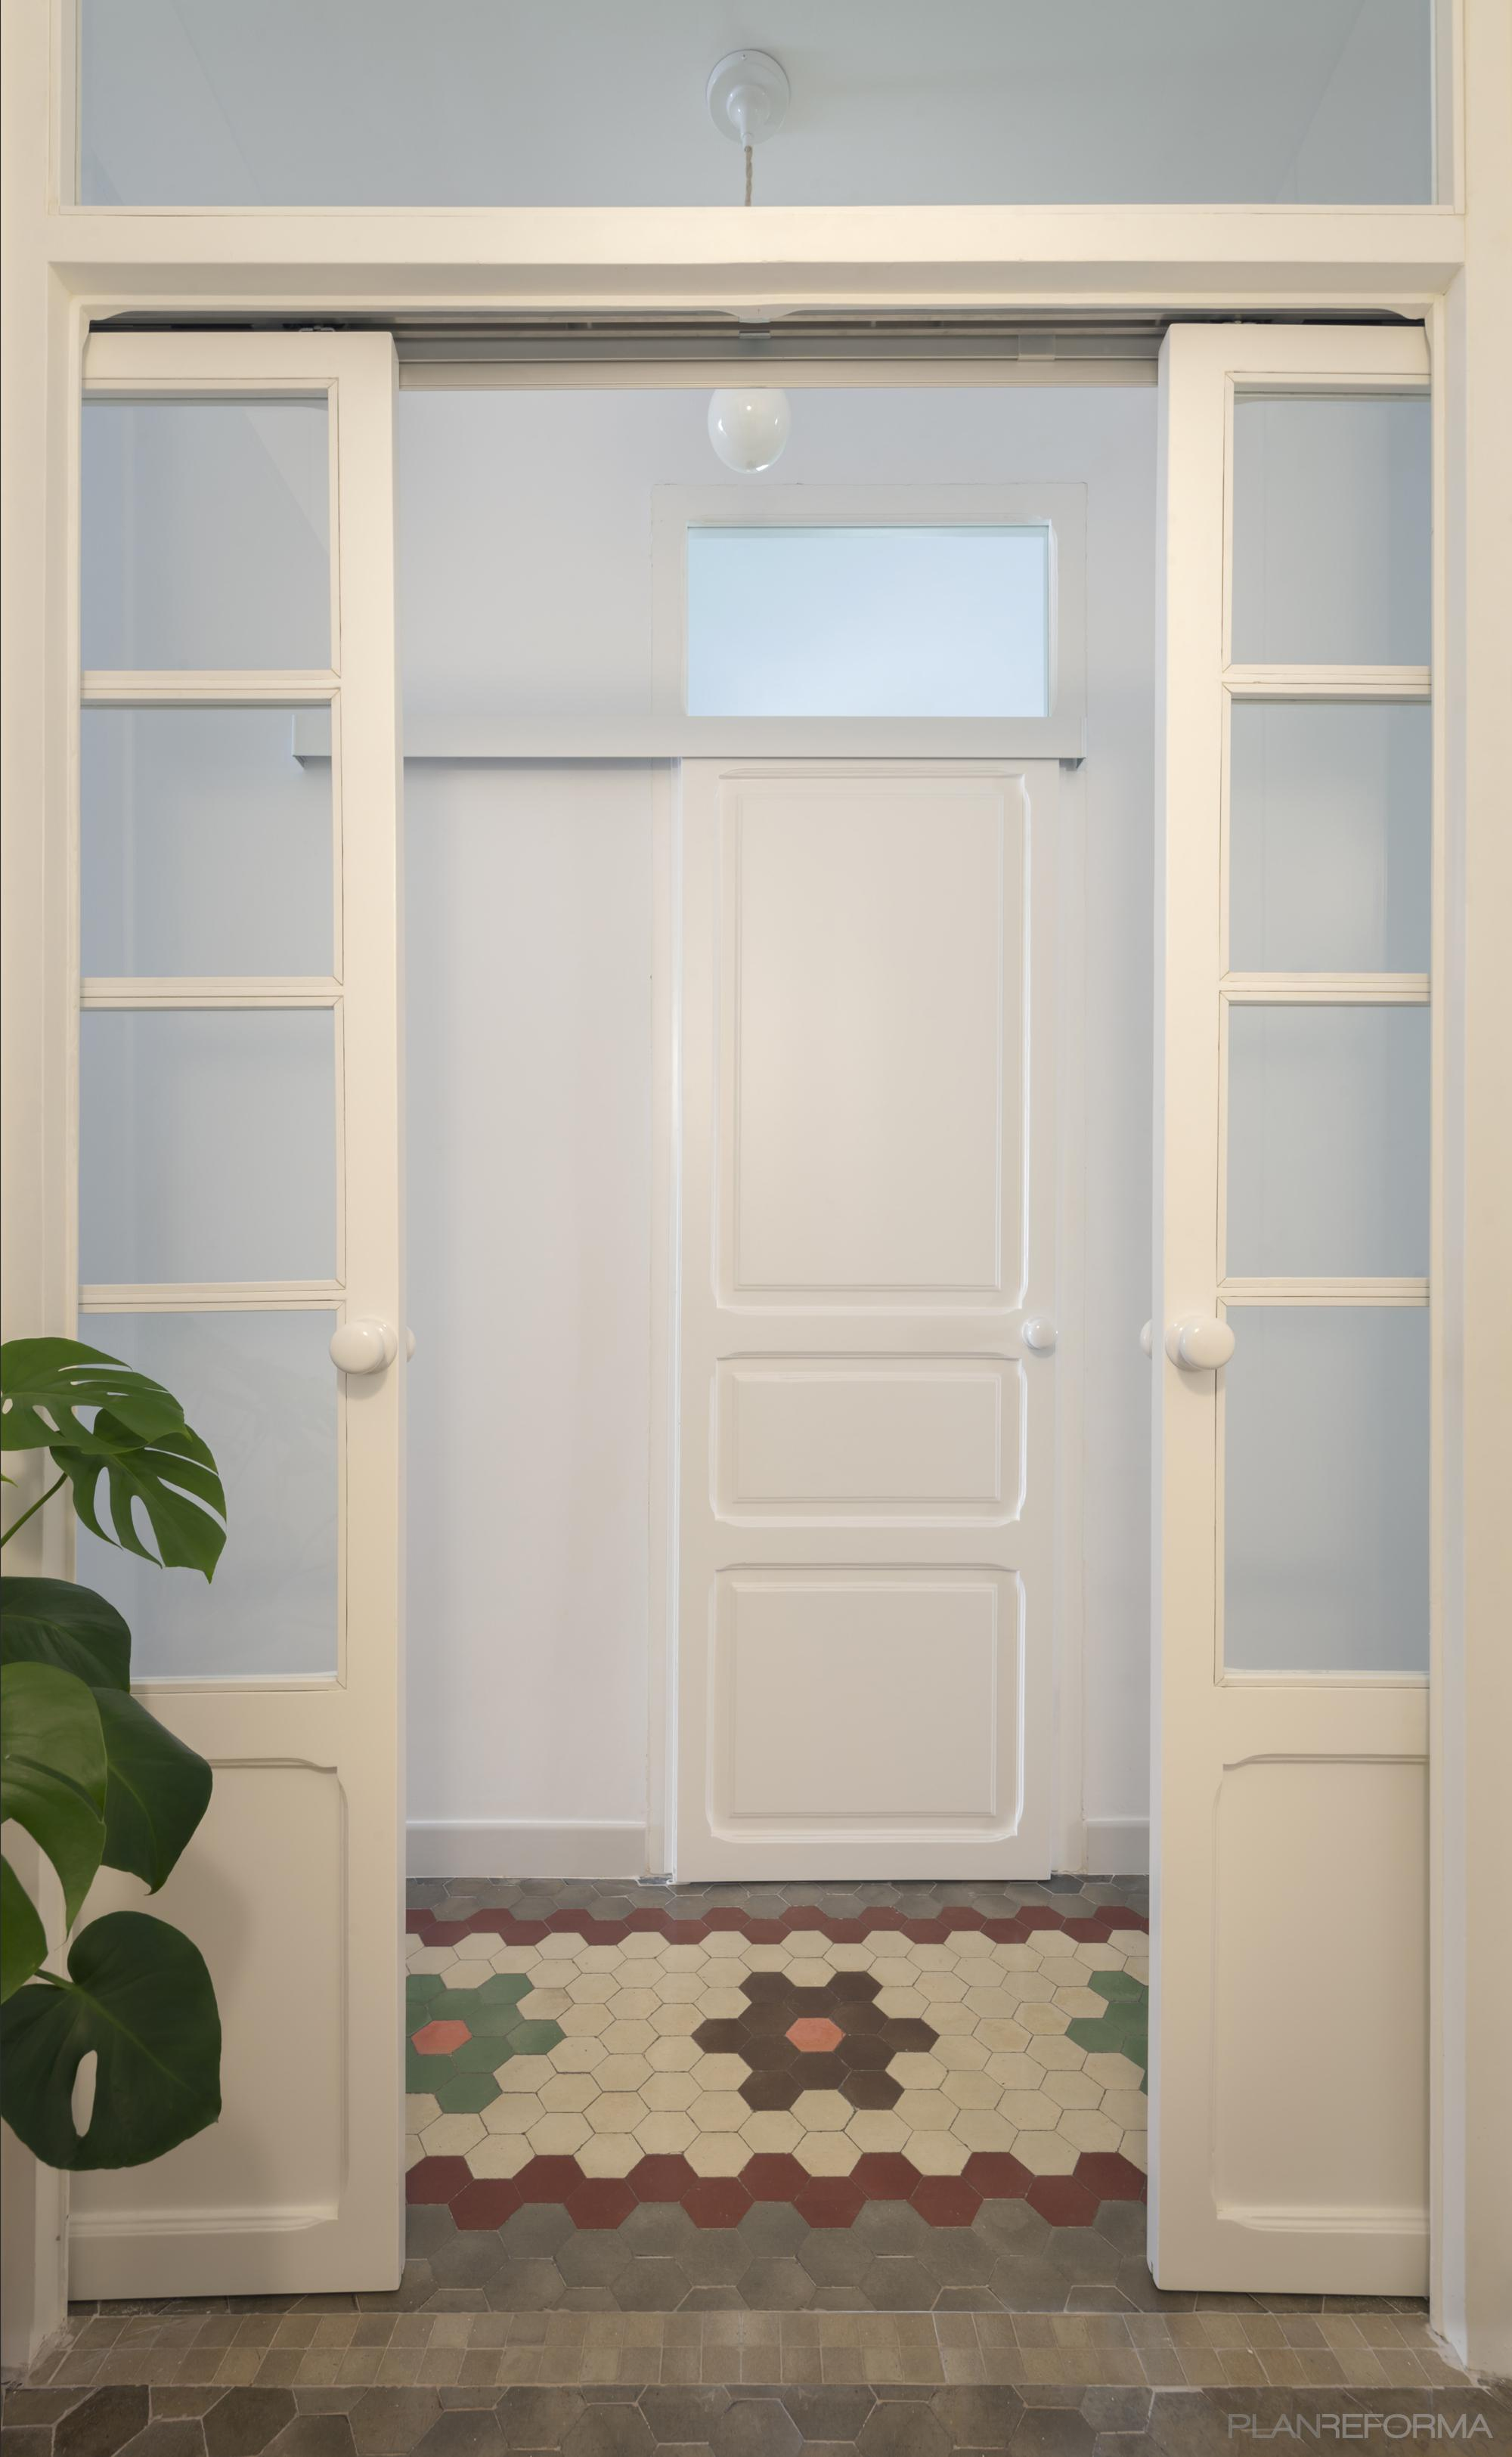 Dormitorio, Estudio, Pasillo Estilo clasico Color rojo, blanco, gris  diseñado por PIANO PIANO STUDIO   Arquitecto   Copyright Milena Villalba